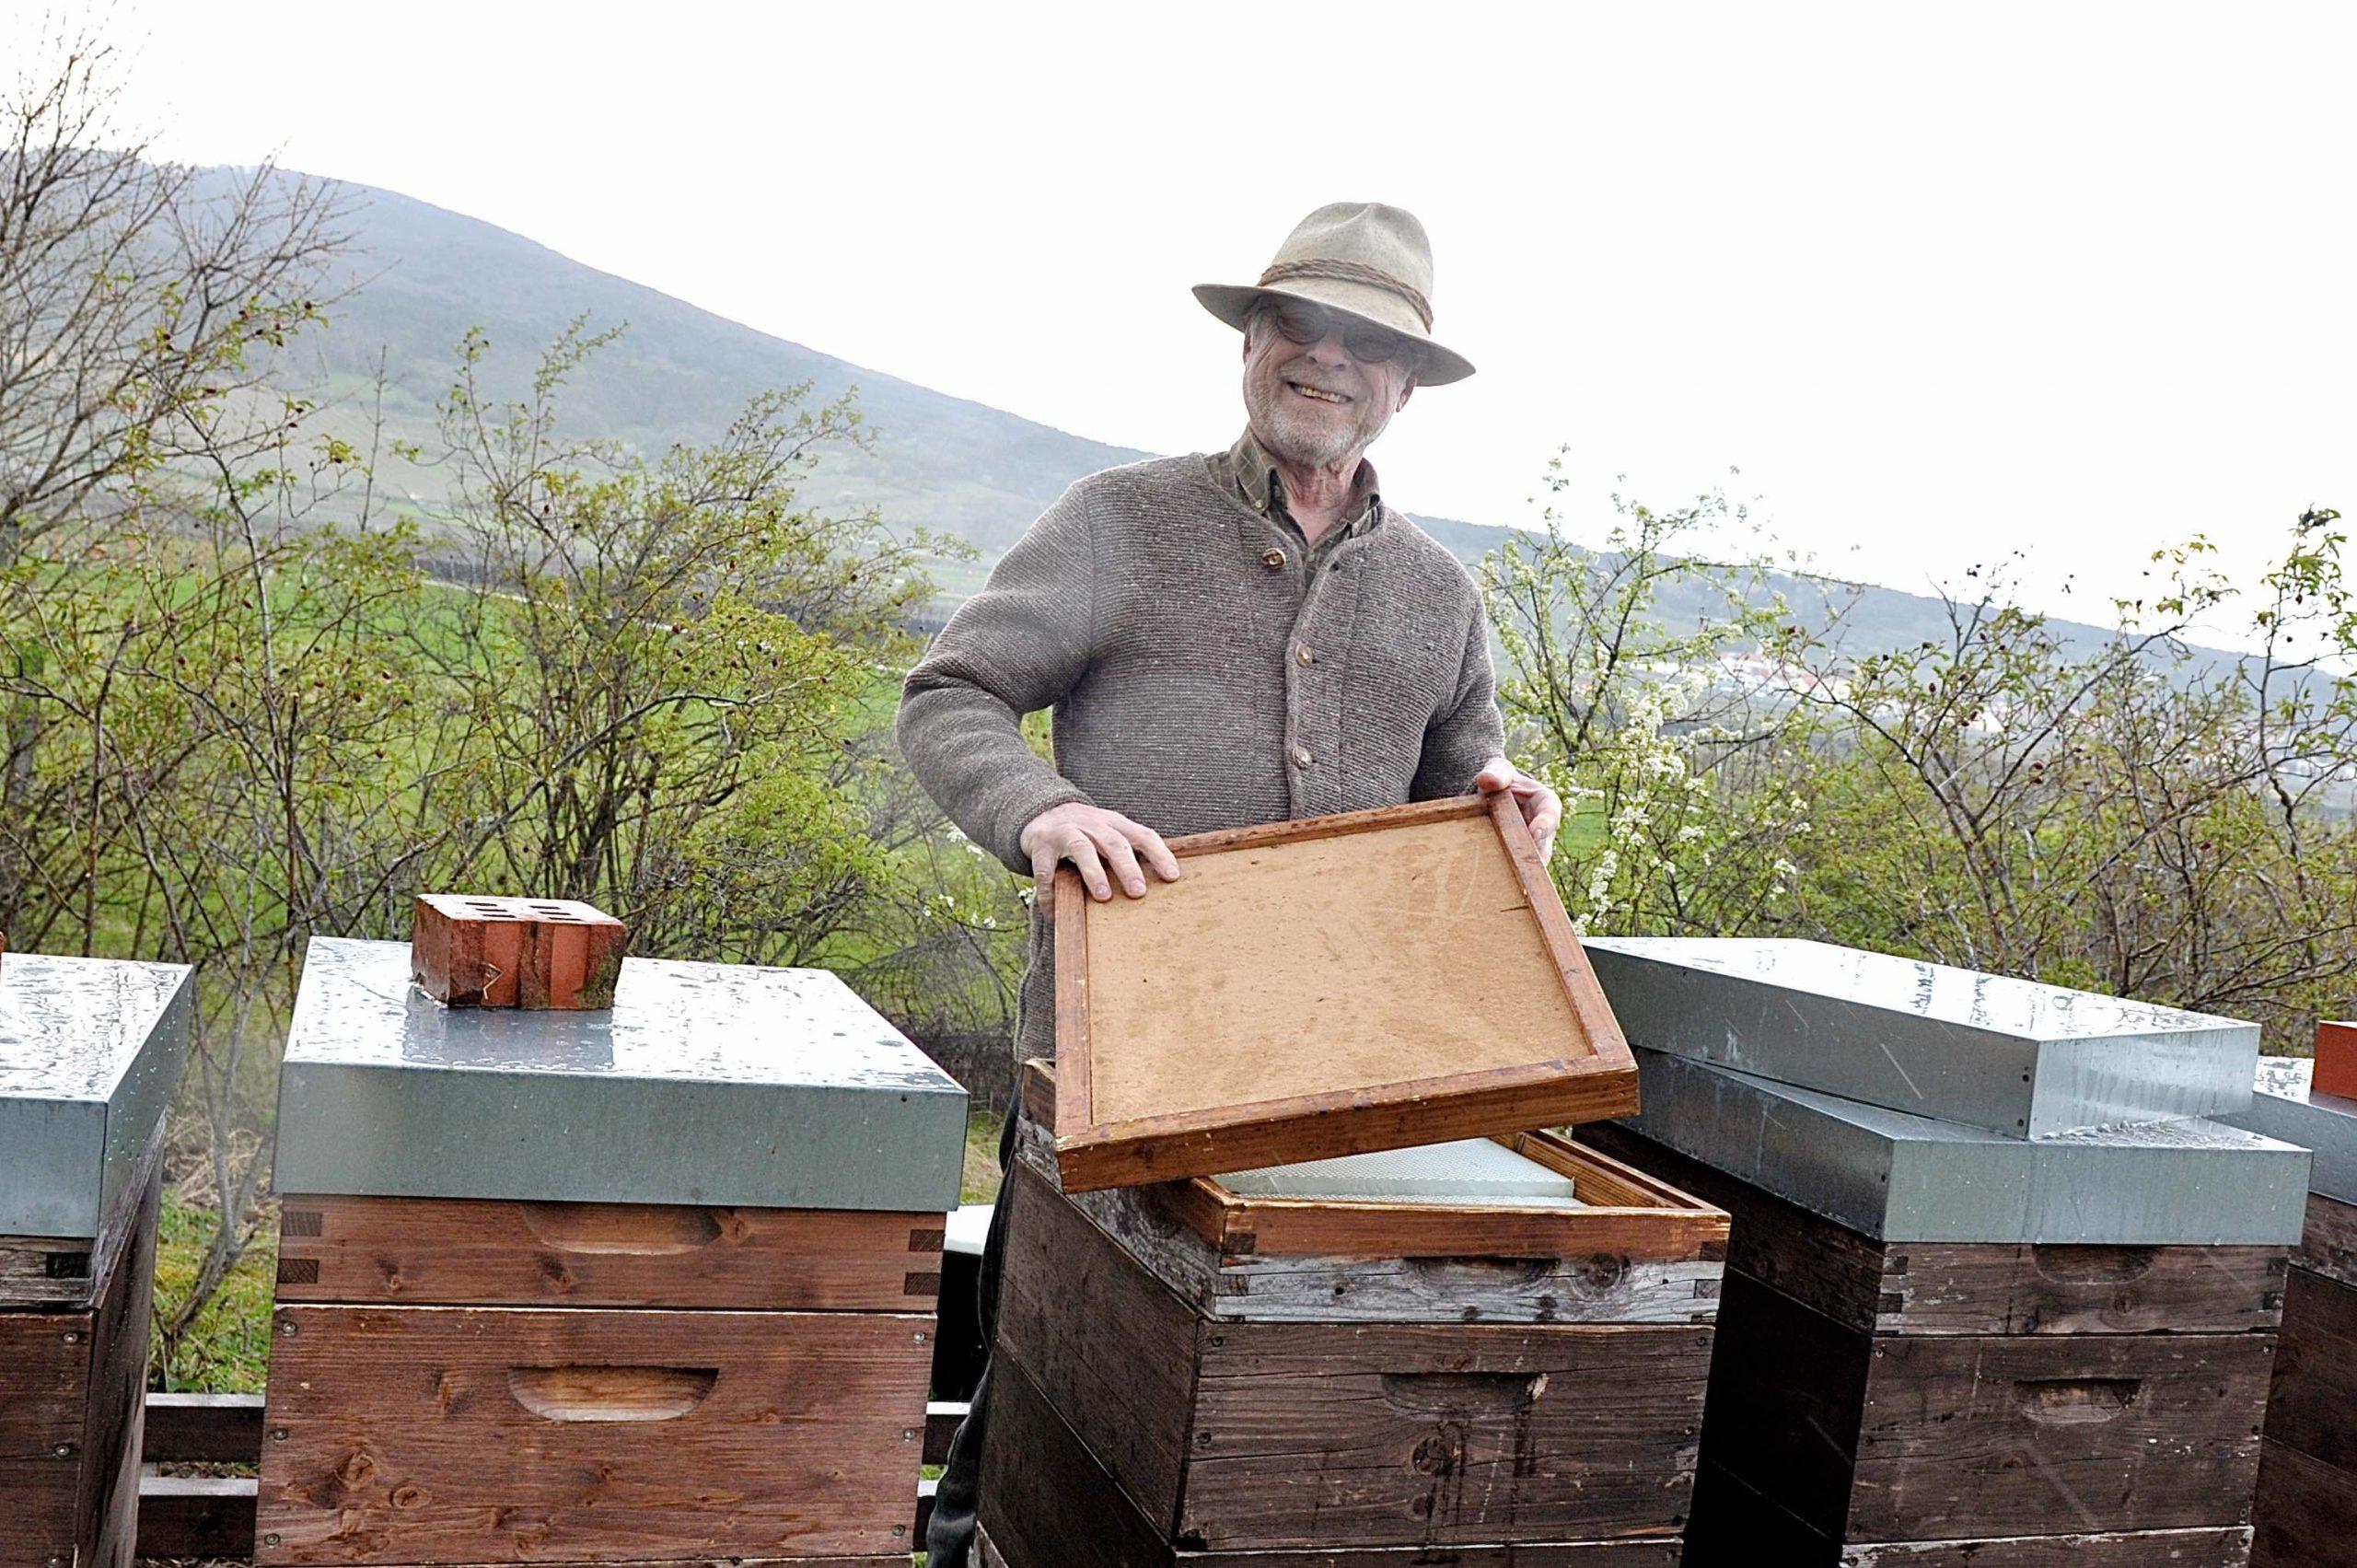 Imker bei den Bienenstöcken im Frühling